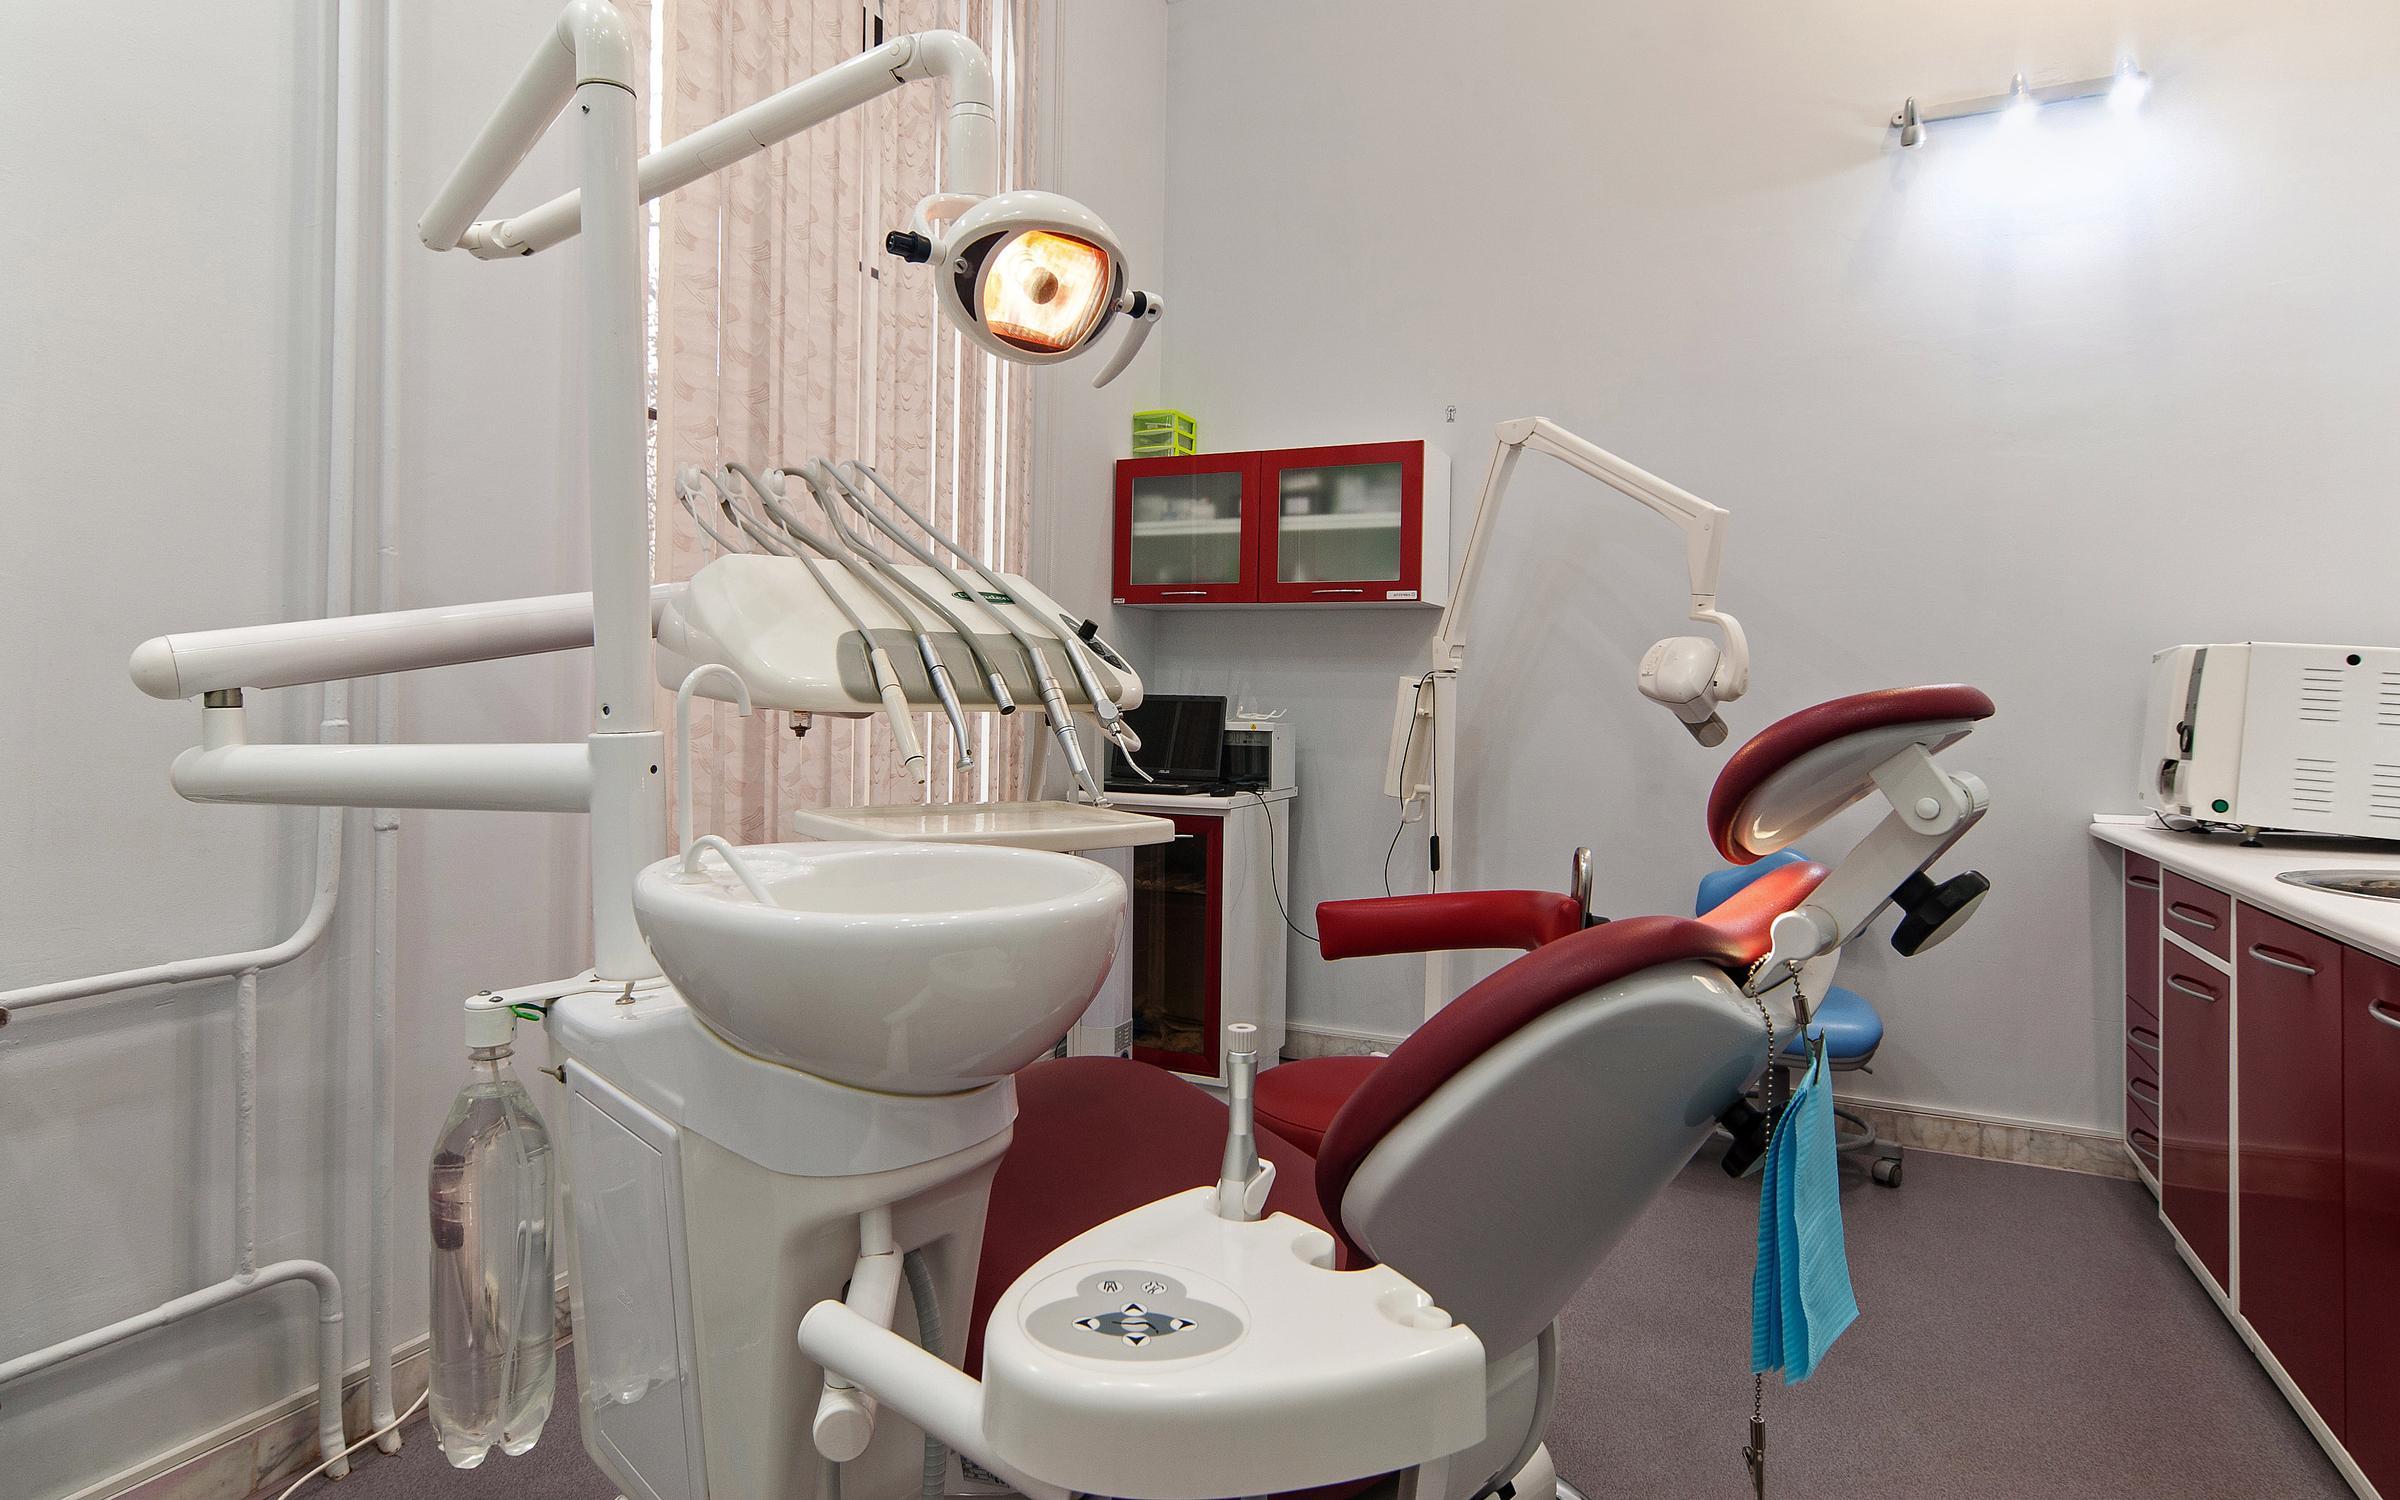 фотография Стоматологической клиники ЭСТЭЛИ на метро ВДНХ